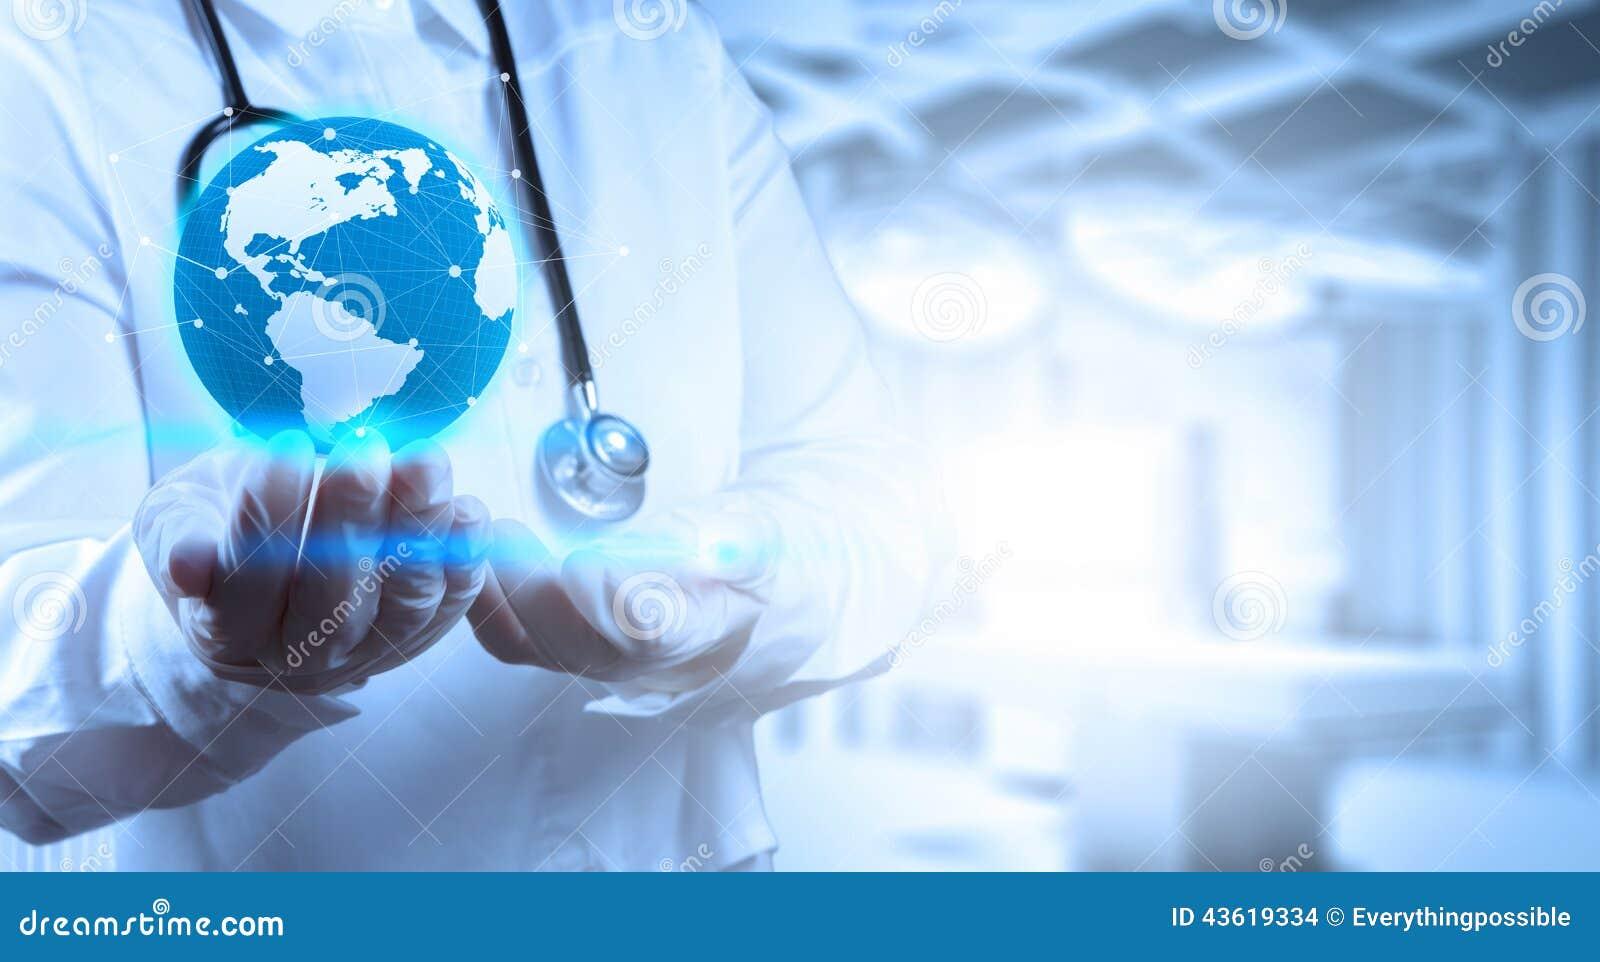 Ιατρός που κρατά μια παγκόσμια σφαίρα στα χέρια του